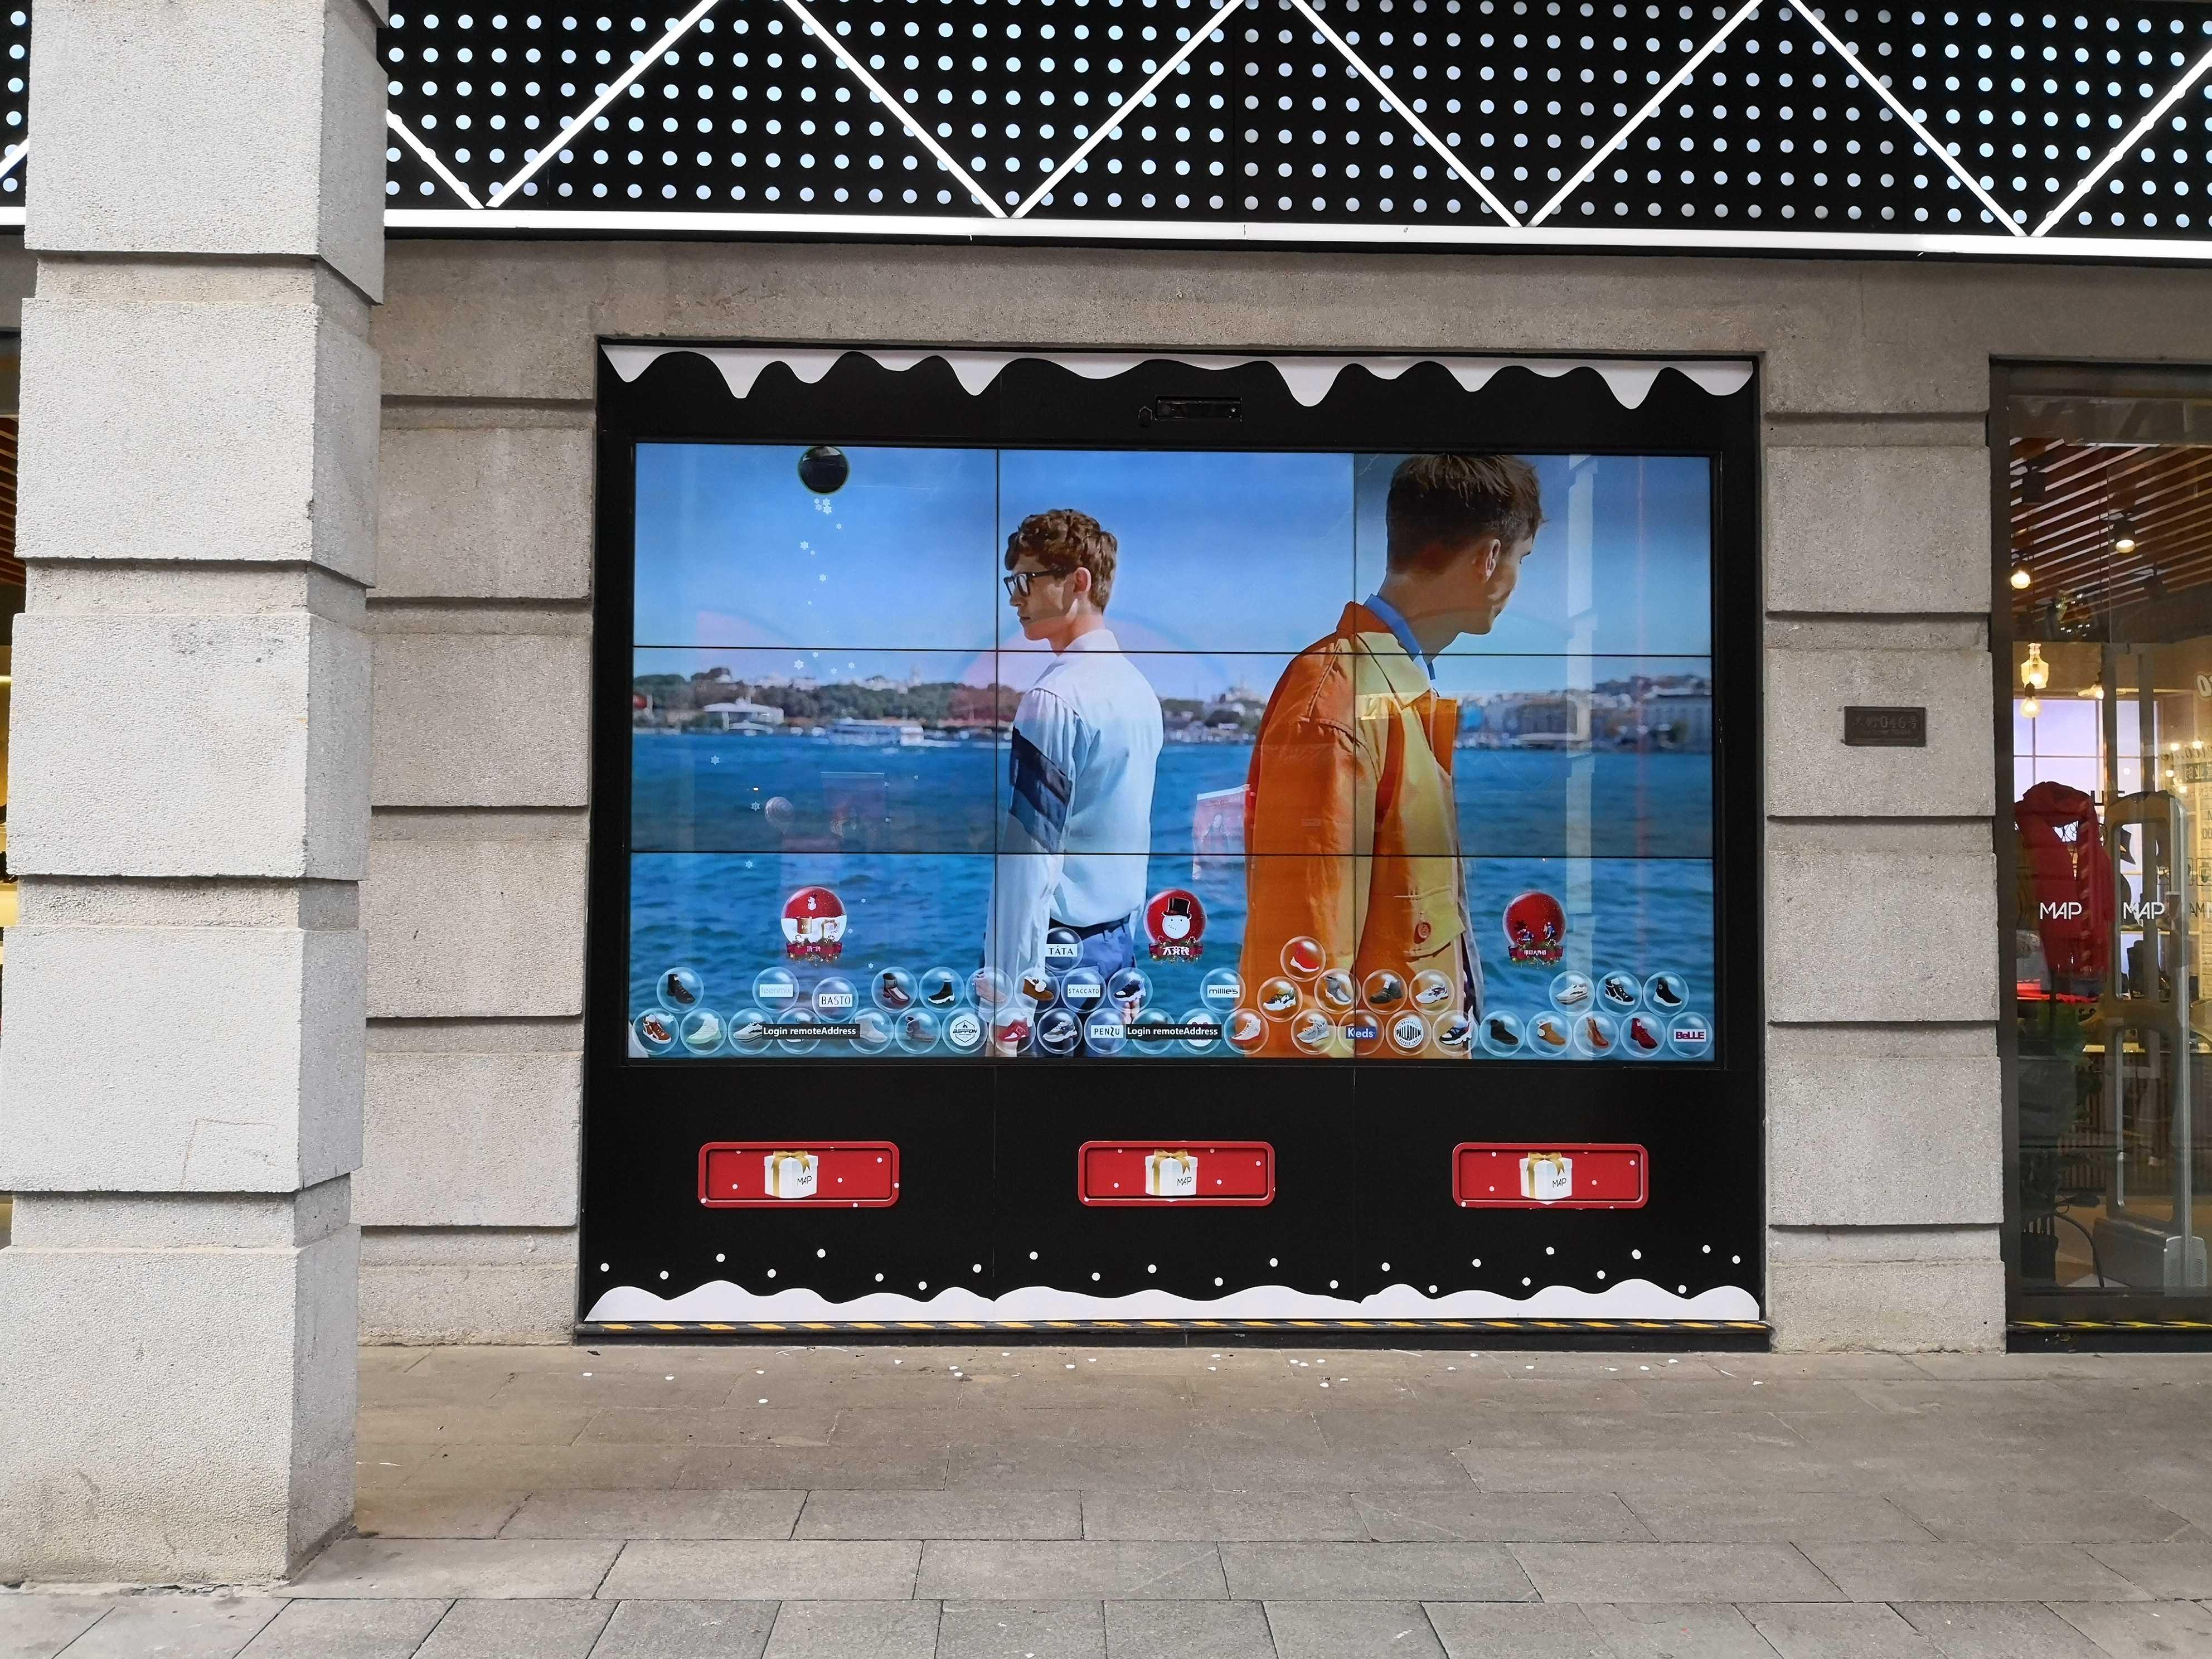 超級智慧櫥窗-百麗武漢楚河漢街MAP旗艦店全屏廣告播放